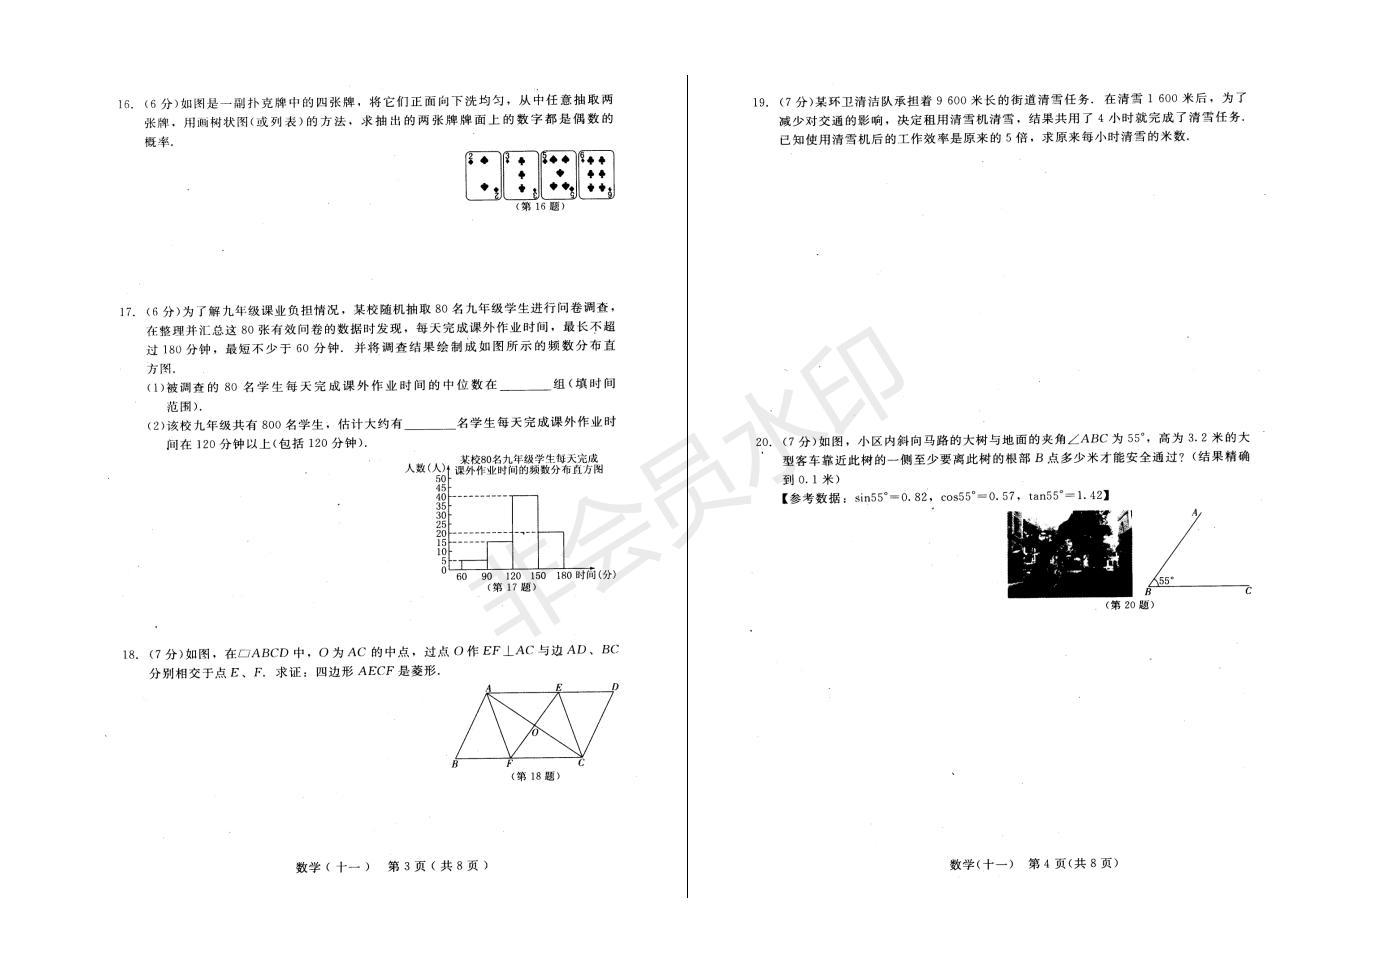 长春市中考综合学习评价与检测数学试卷(十一)(ZKSX0191)